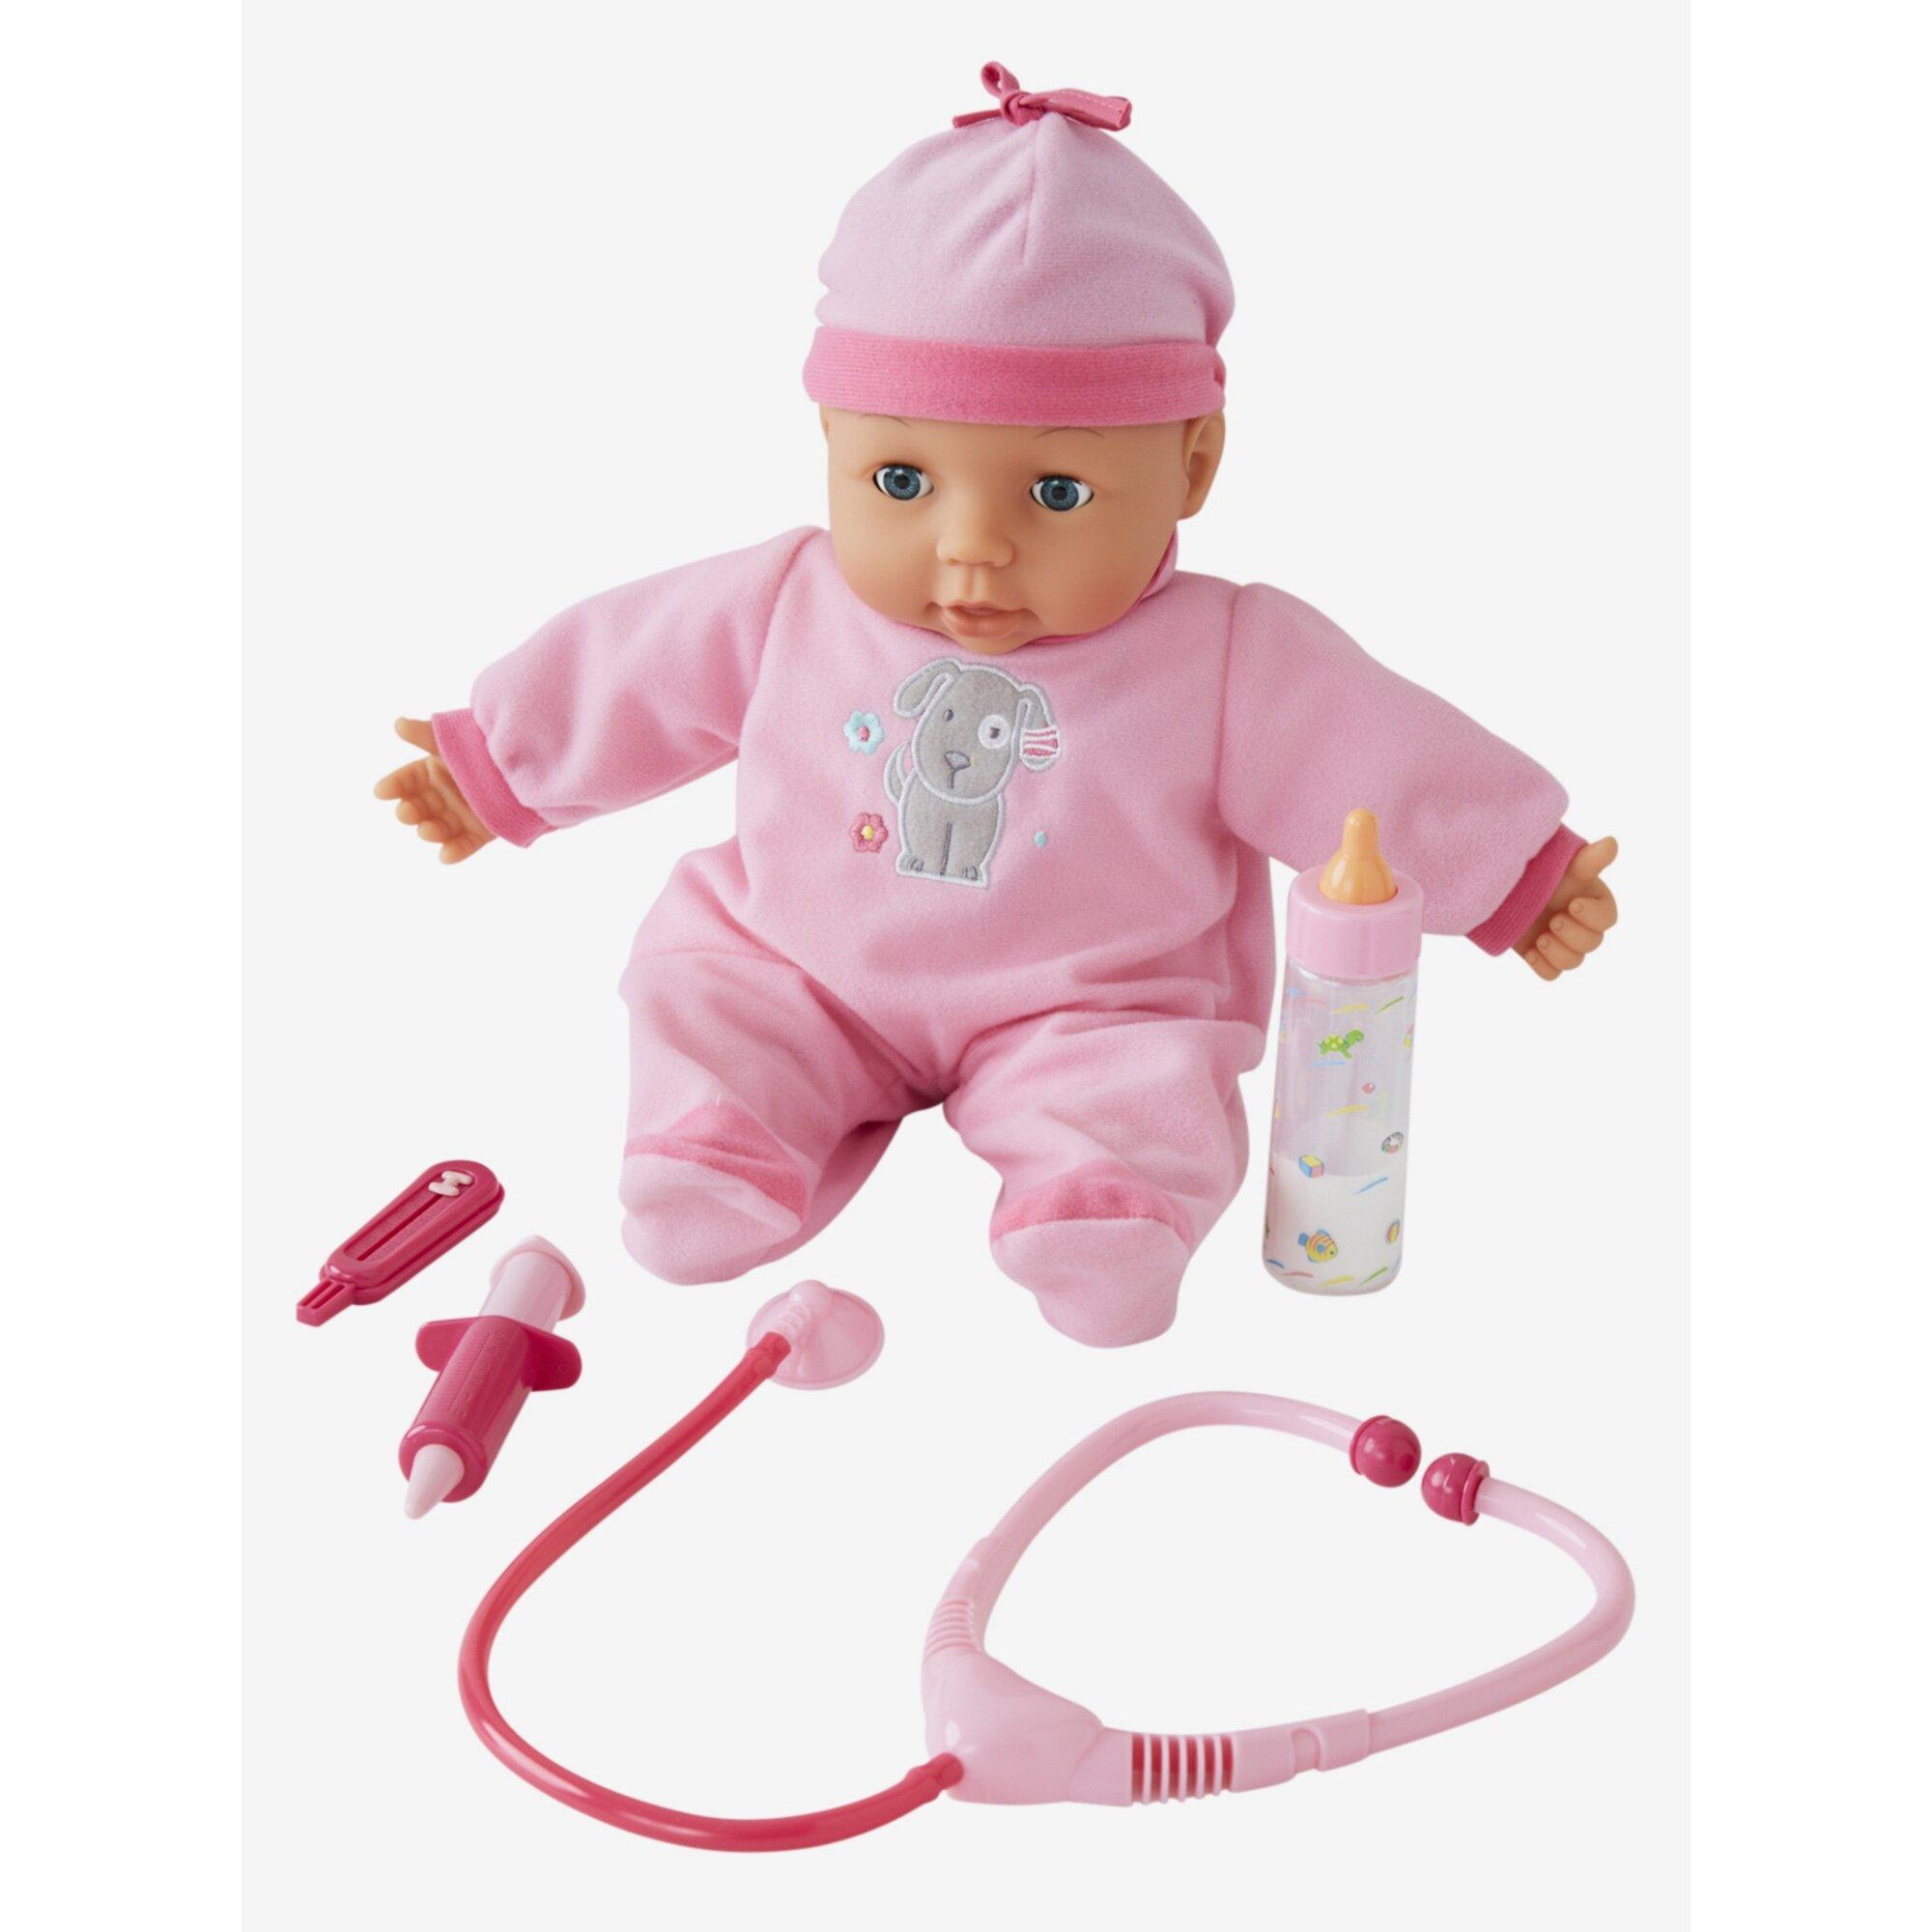 Vertbaudet Puppe mit Arzt-Zubehör, 38 cm